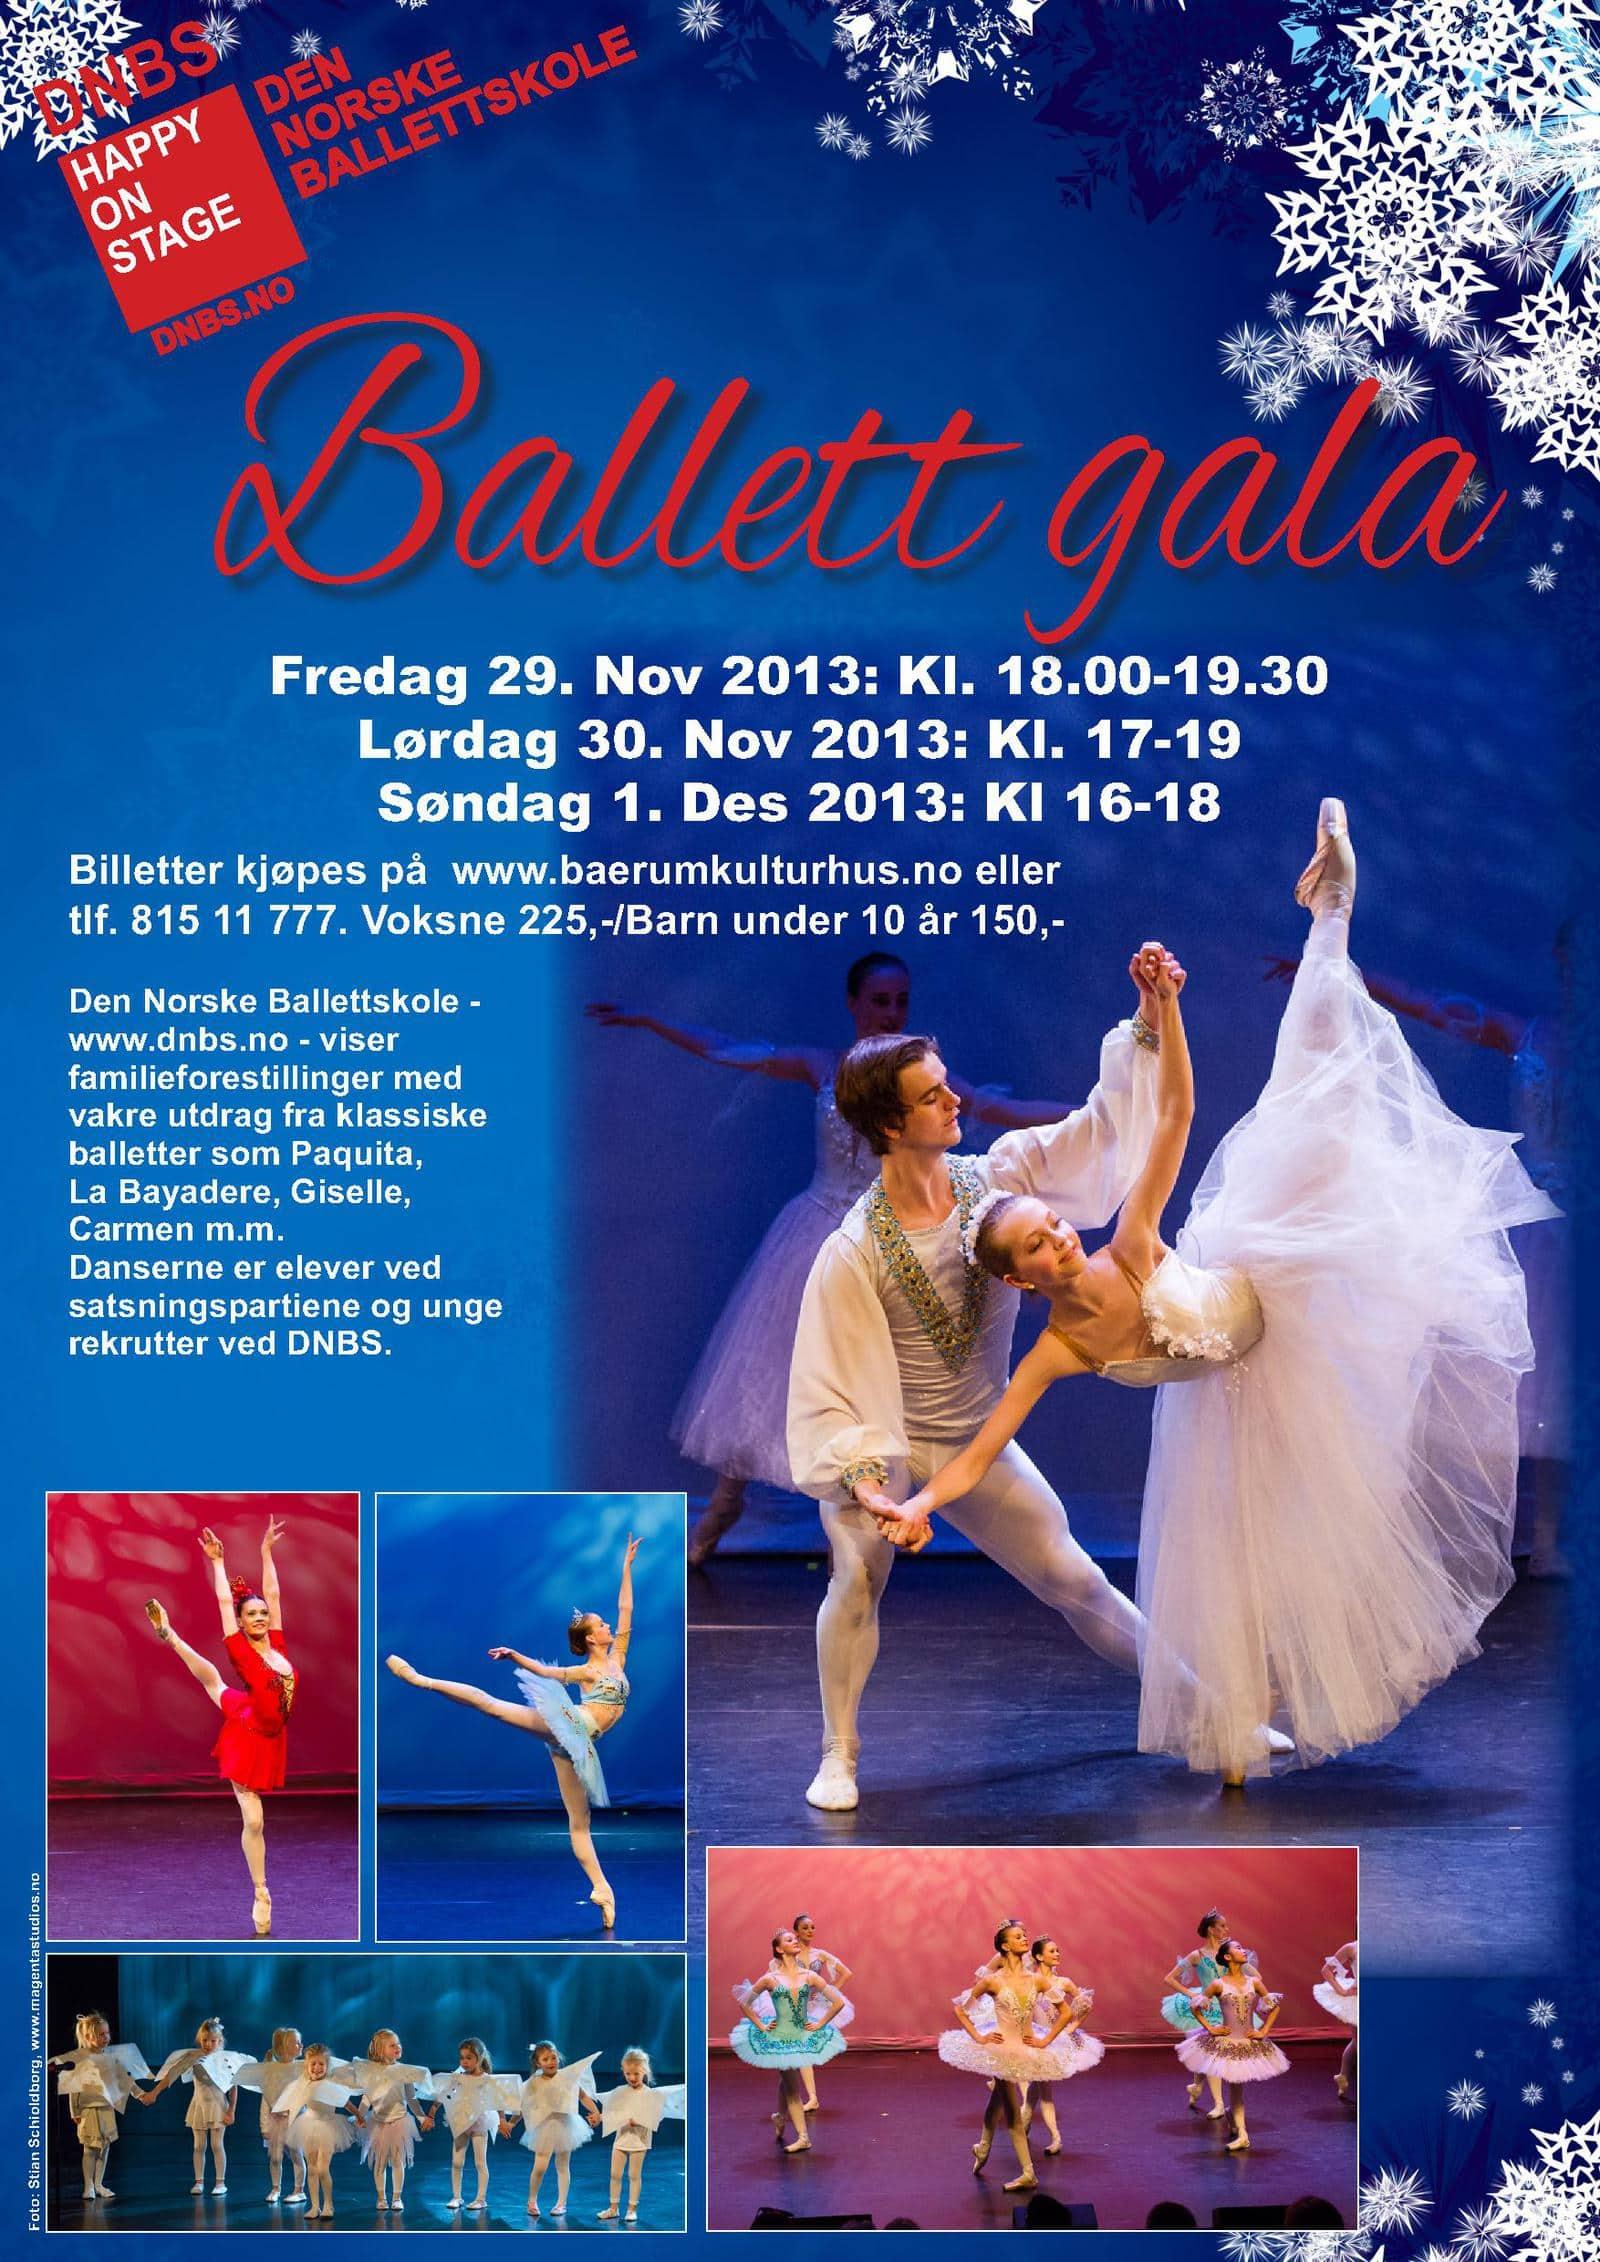 ballettgalaforestilling plakat jul 2013 bærum kulturhus_1 - Kopi